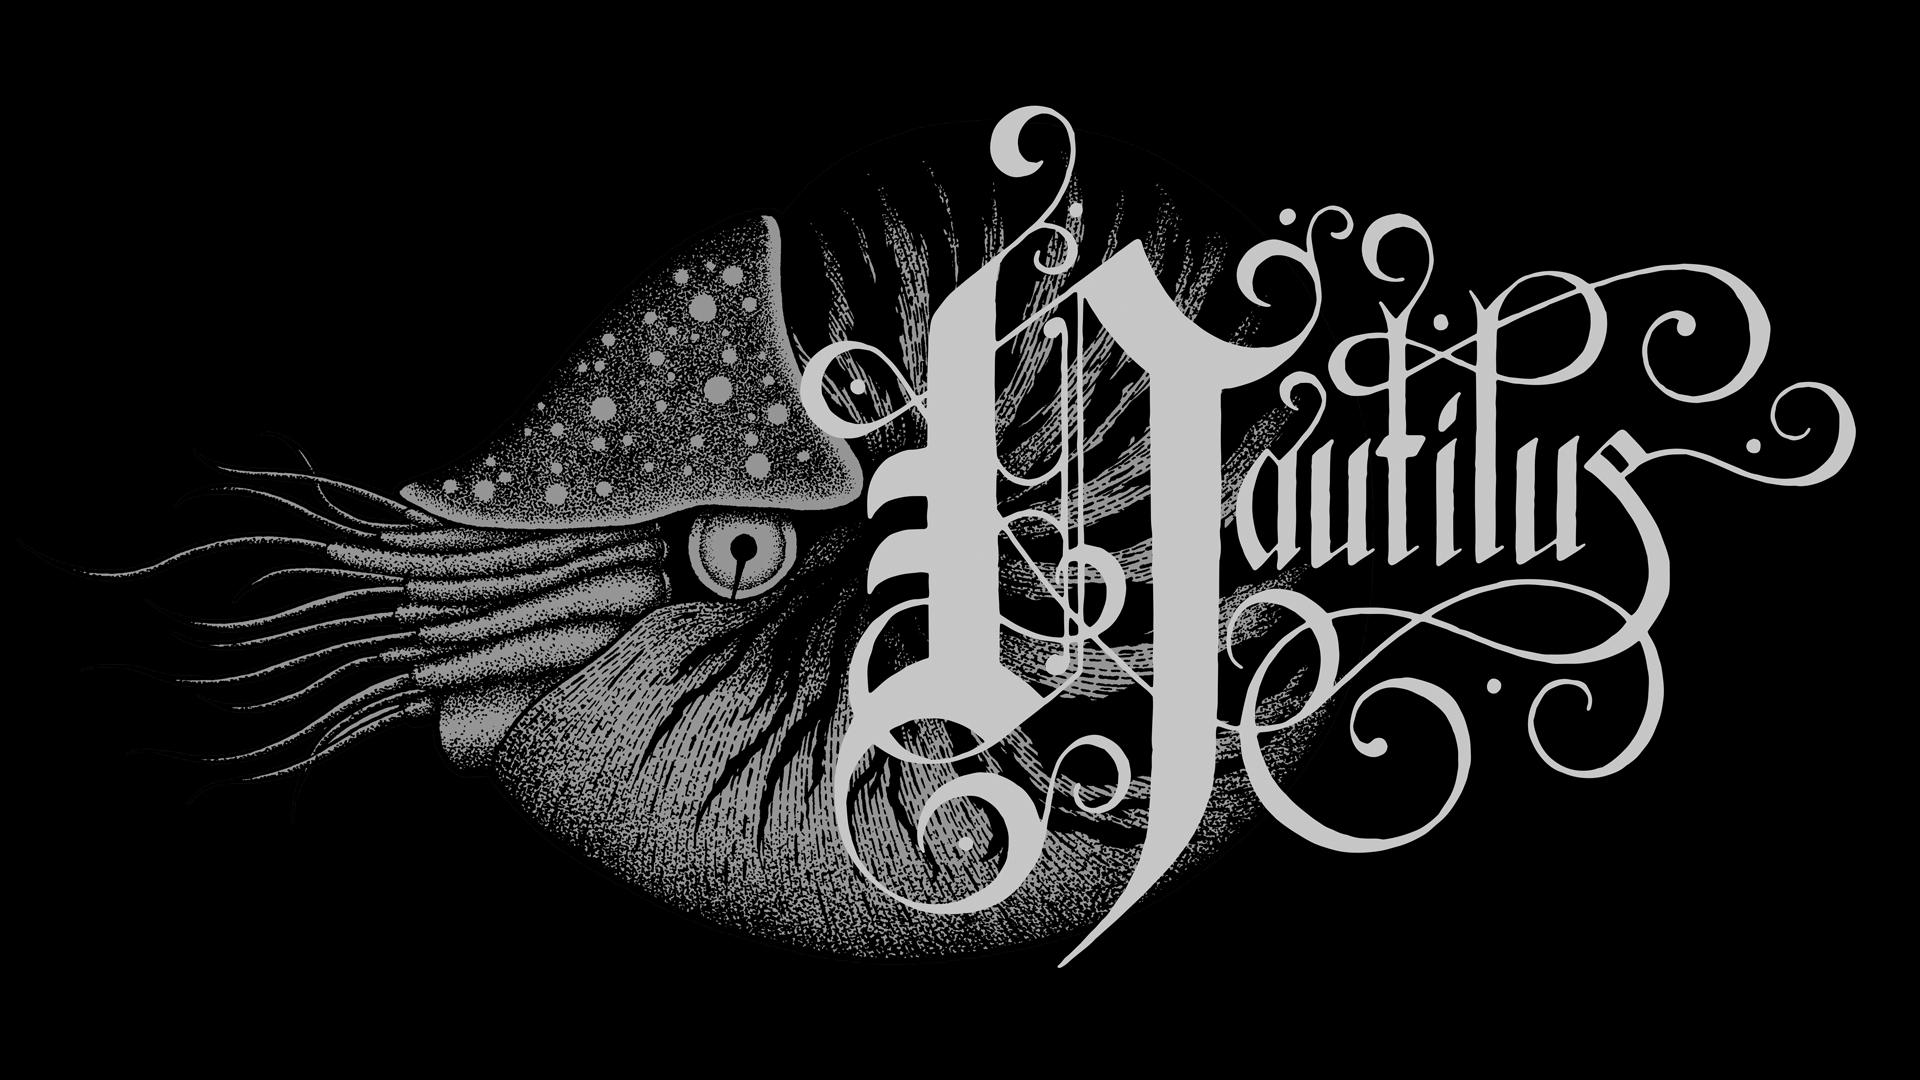 Nautilus-Web-4.jpg